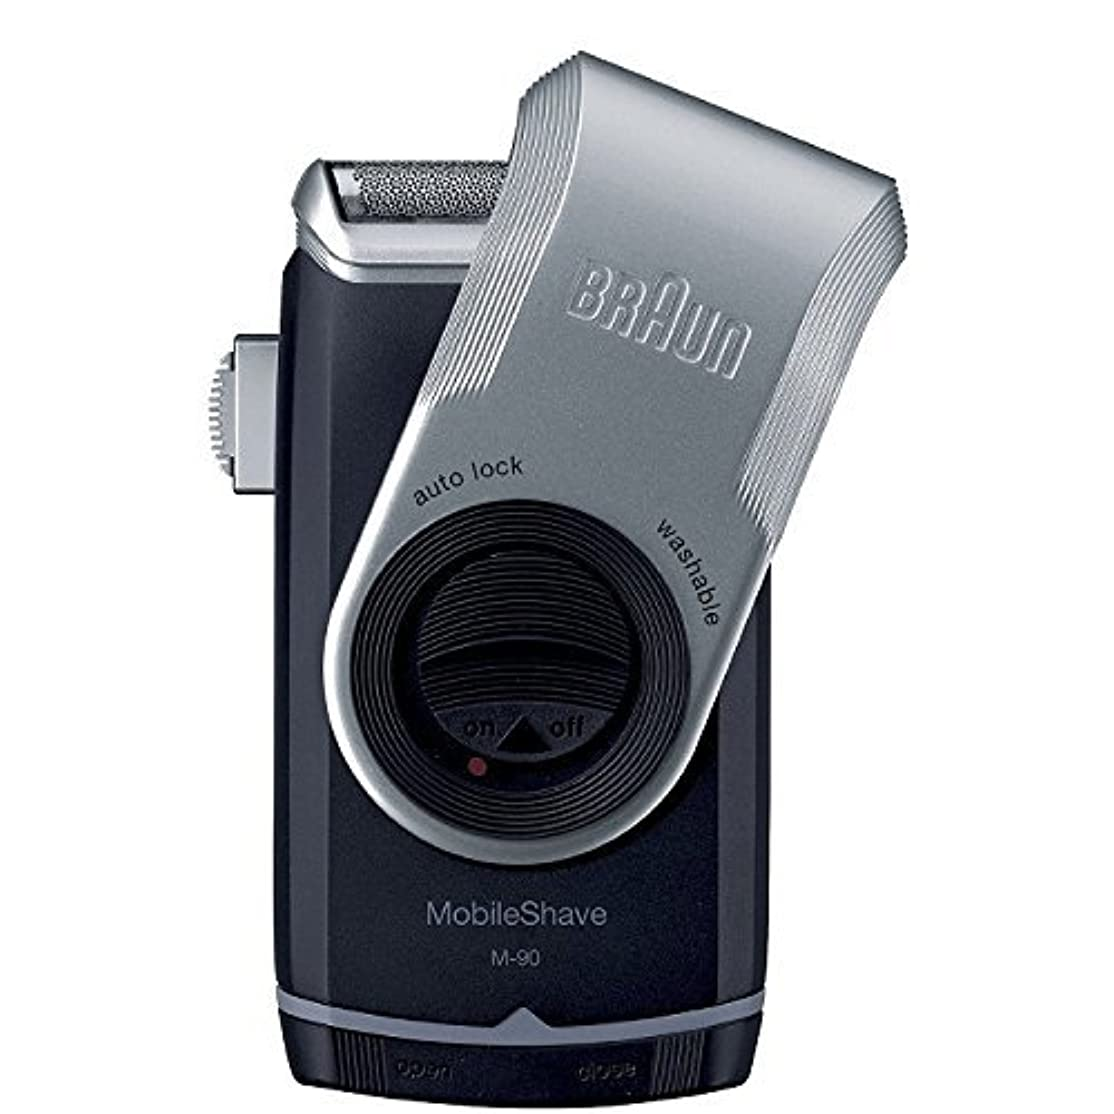 置くためにパック追跡ソフィーBraun M90 Pocketgo Mobileshave スマートホイルでポータブルシェーバー [並行輸入品]